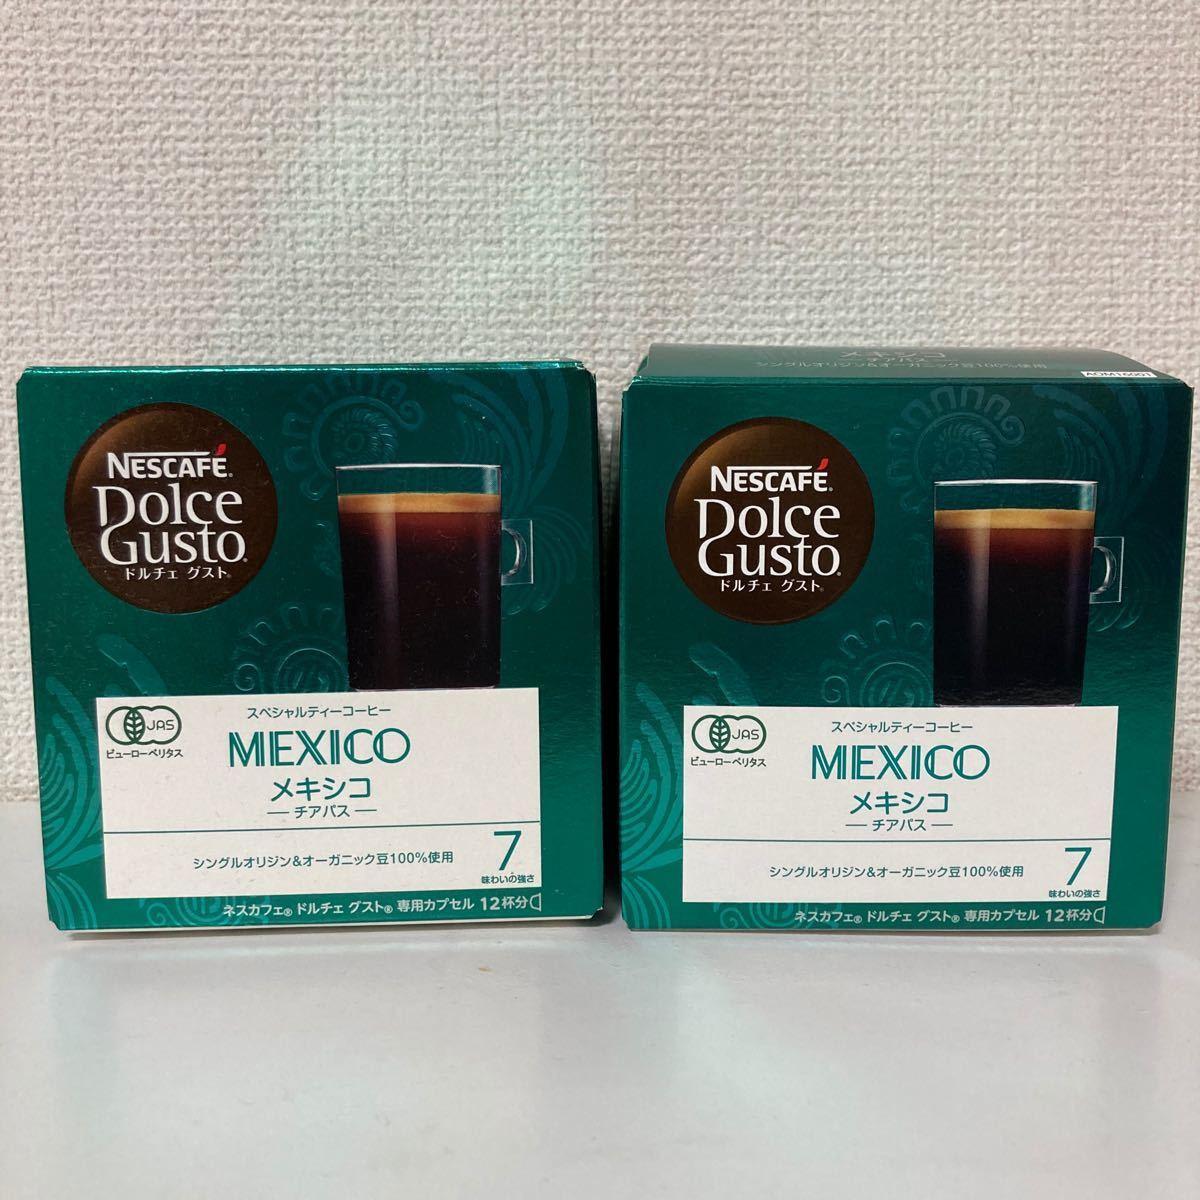 ネスカフェ ドルチェグスト メキシコ